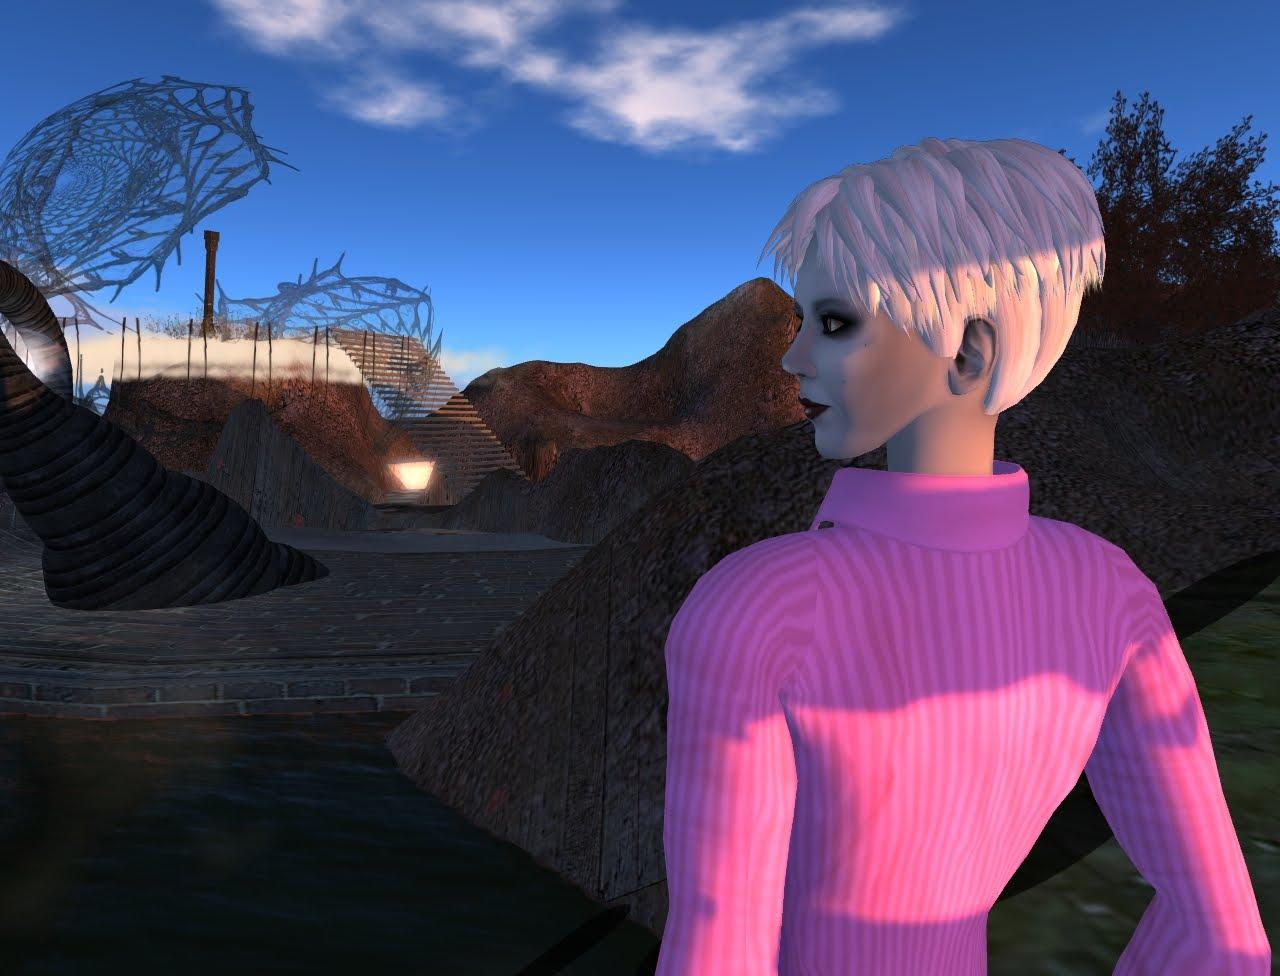 http://3.bp.blogspot.com/-GFmI5CDLoO4/TWUjgnshxrI/AAAAAAAADpY/NxditG5W9QY/s1600/Pink%2BShirt_002.jpg